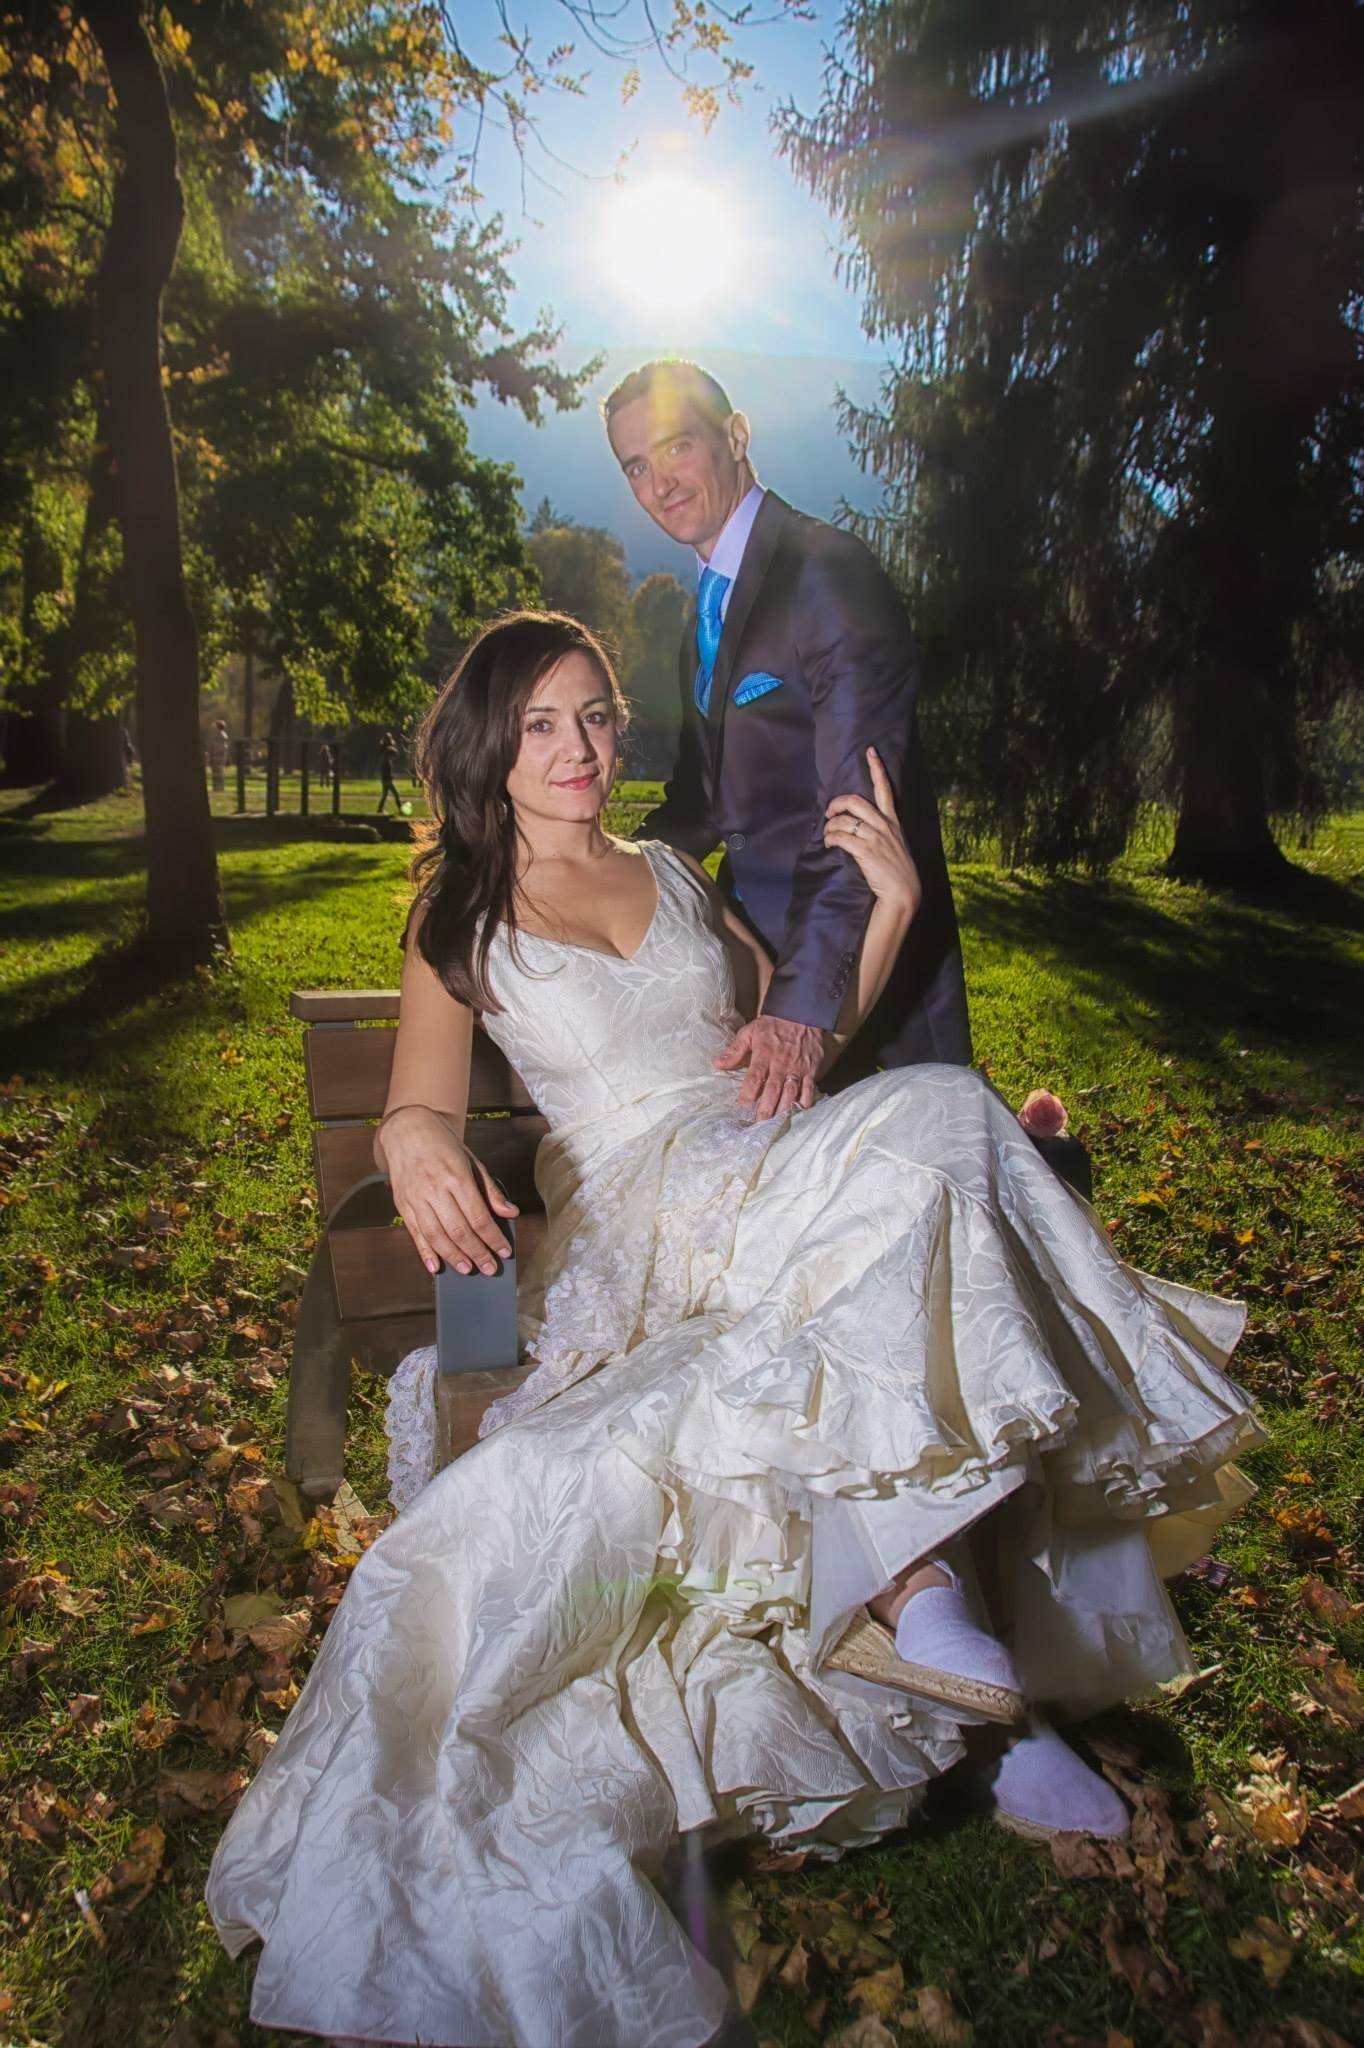 Des gens comme Vincent et Marga rendent naturel la complexité de l'amour